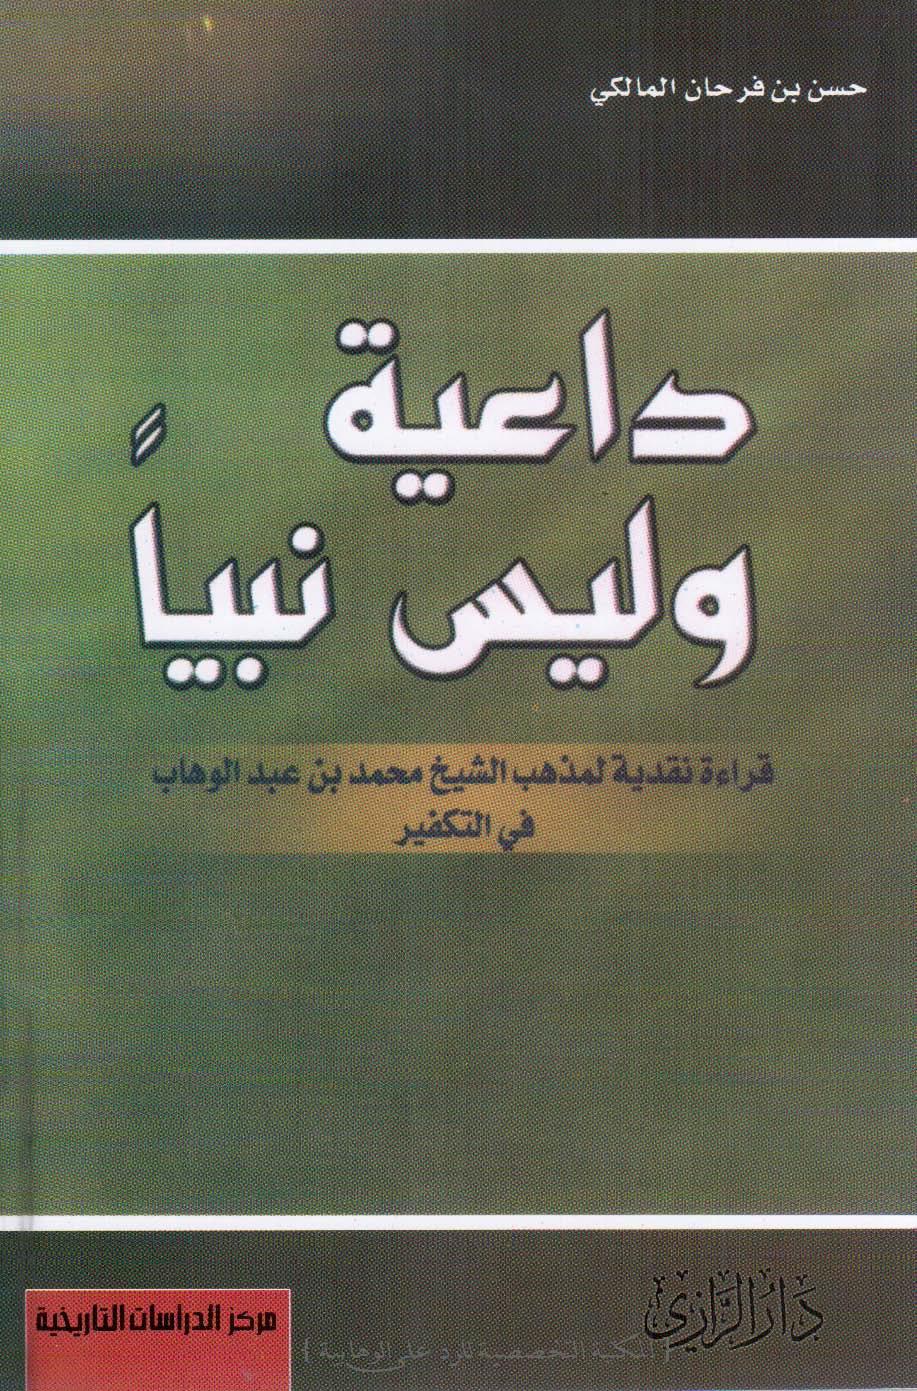 d3357d9c6 ما رأيك بصراحة في السلفيين [الأرشيف] - منتديات الجلفة لكل الجزائريين و العرب